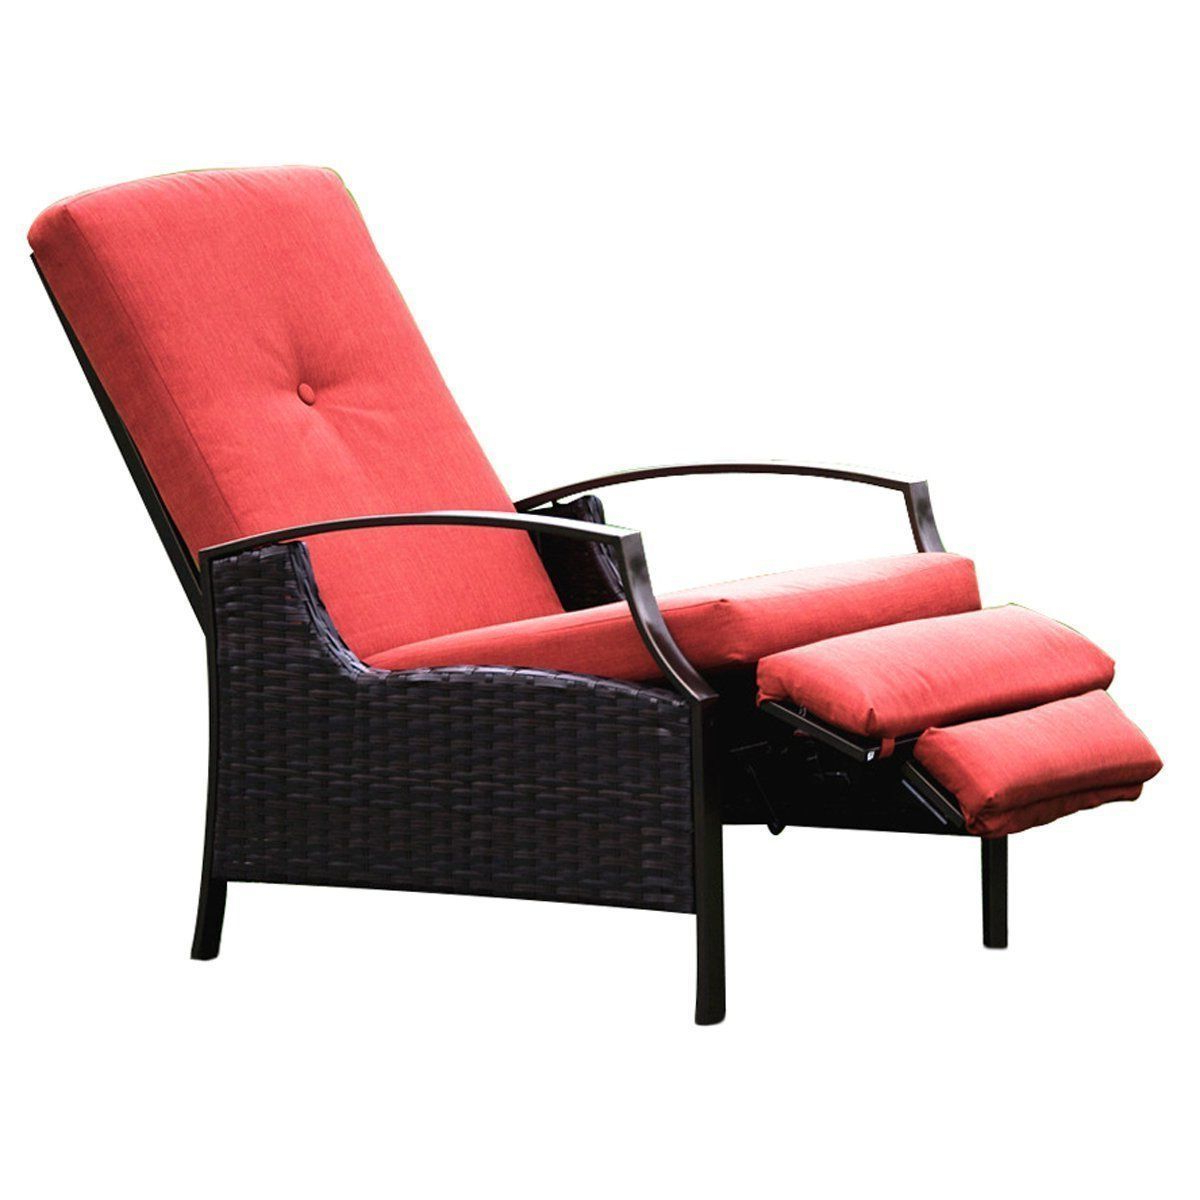 Best And Newest Naturefun Indoor/outdoor Wicker Adjustable Recliner Chair With Regard To Outdoor Adjustable Rattan Wicker Recliner Chairs With Cushion (View 5 of 25)